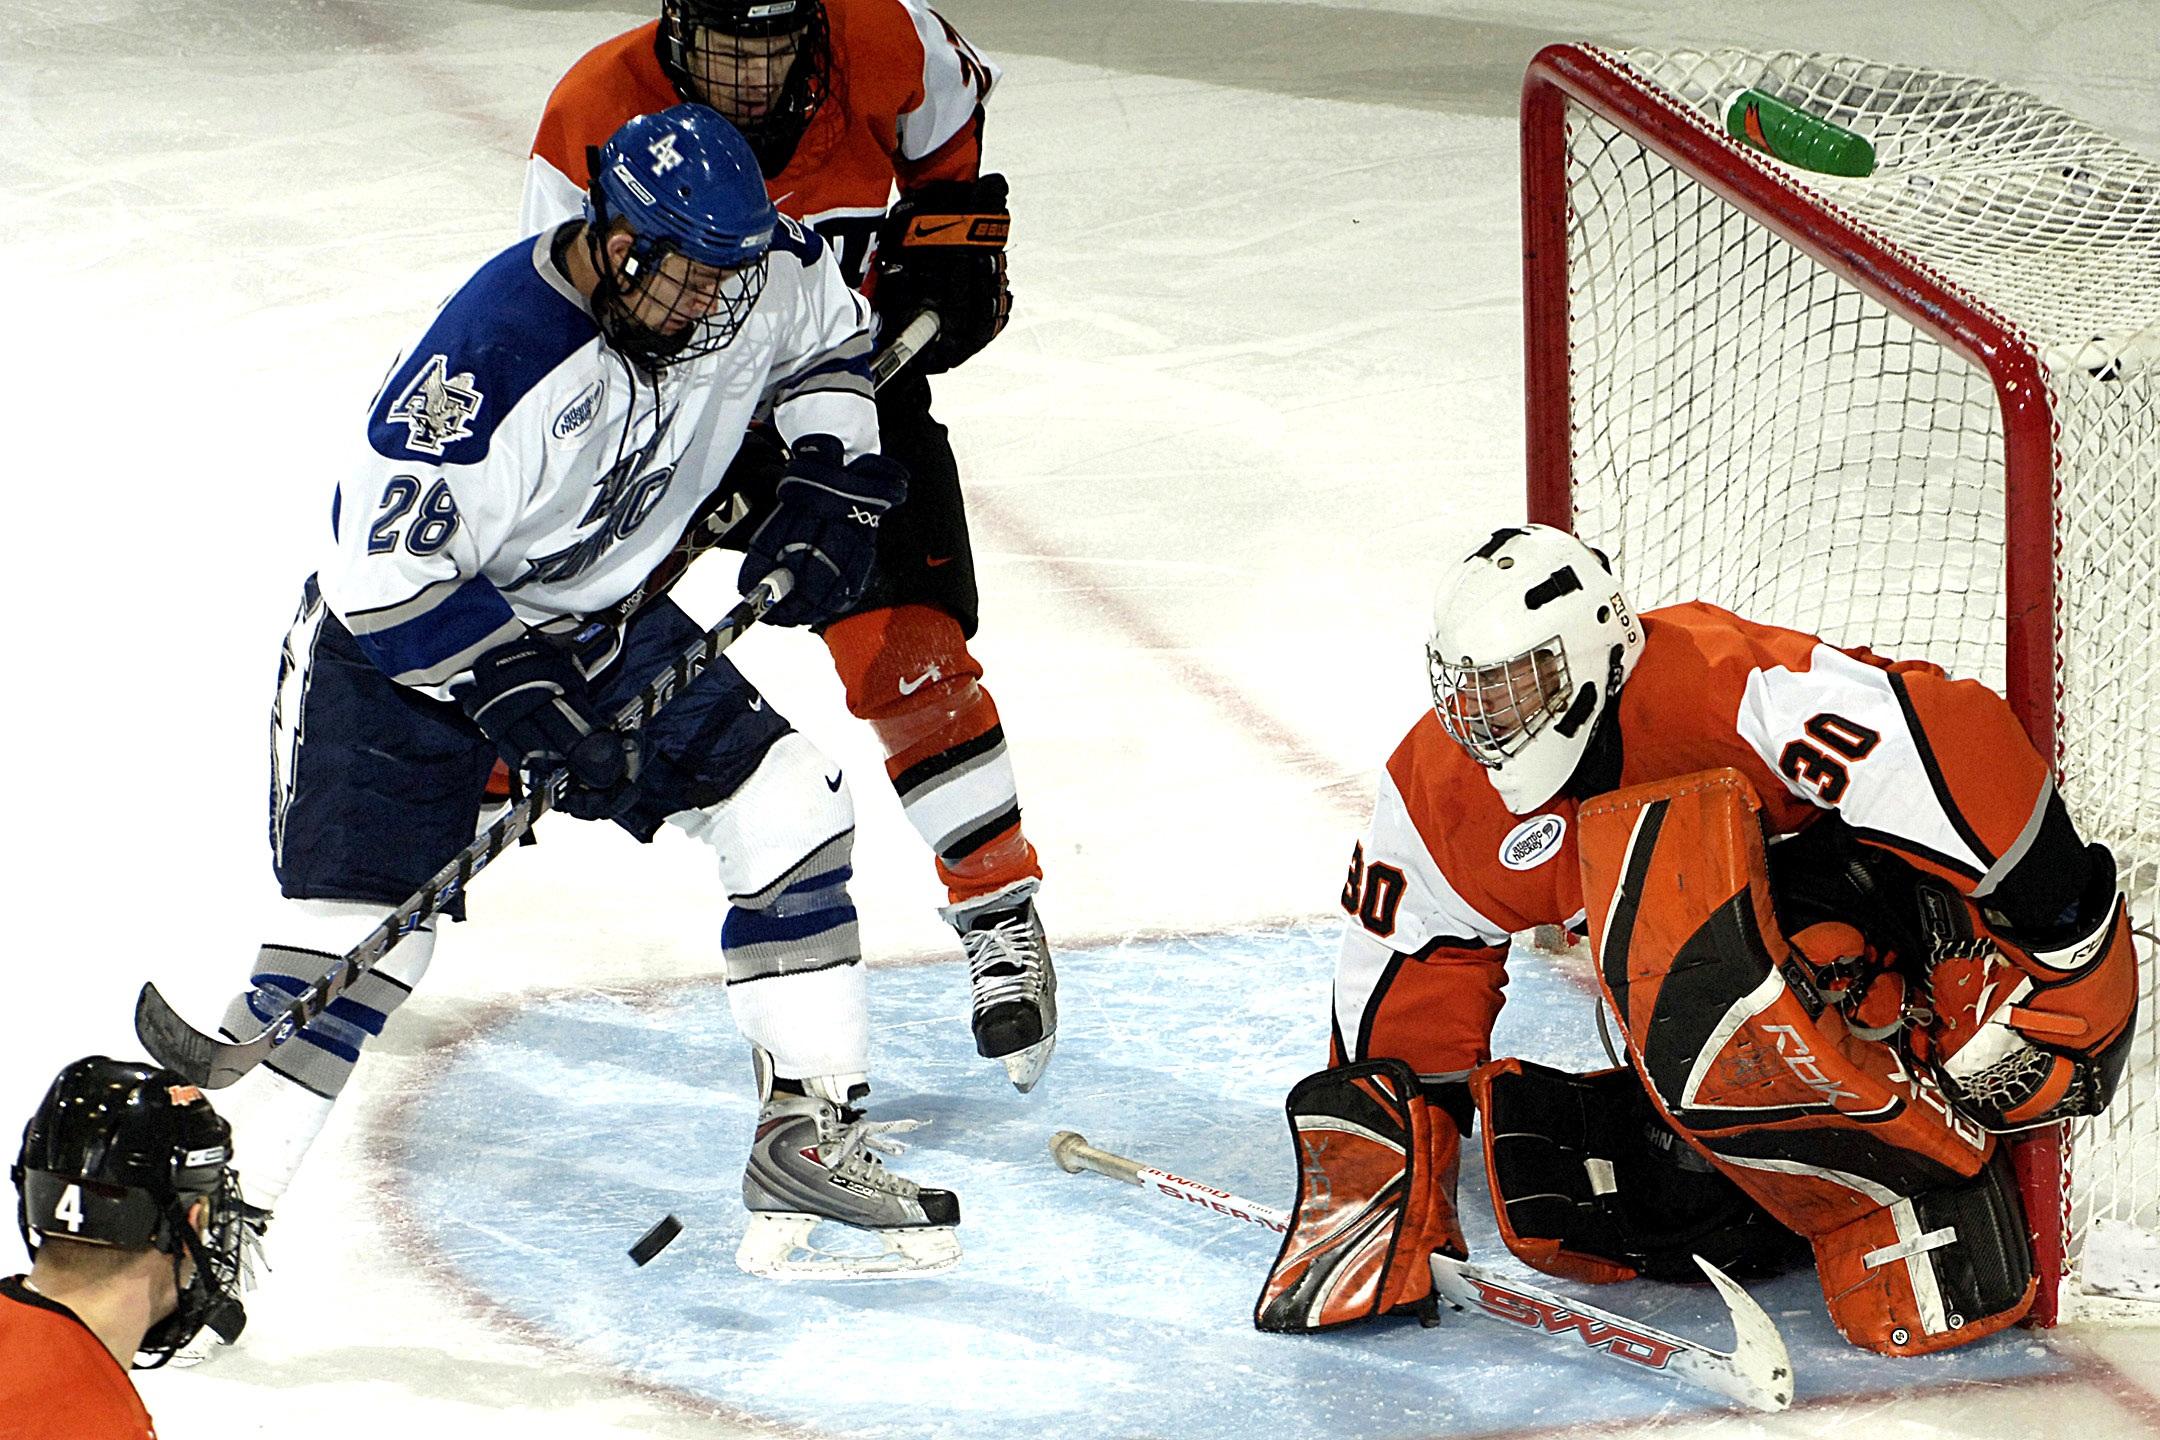 Ice Hockey, Activity, Hockey, Human, Ice, HQ Photo